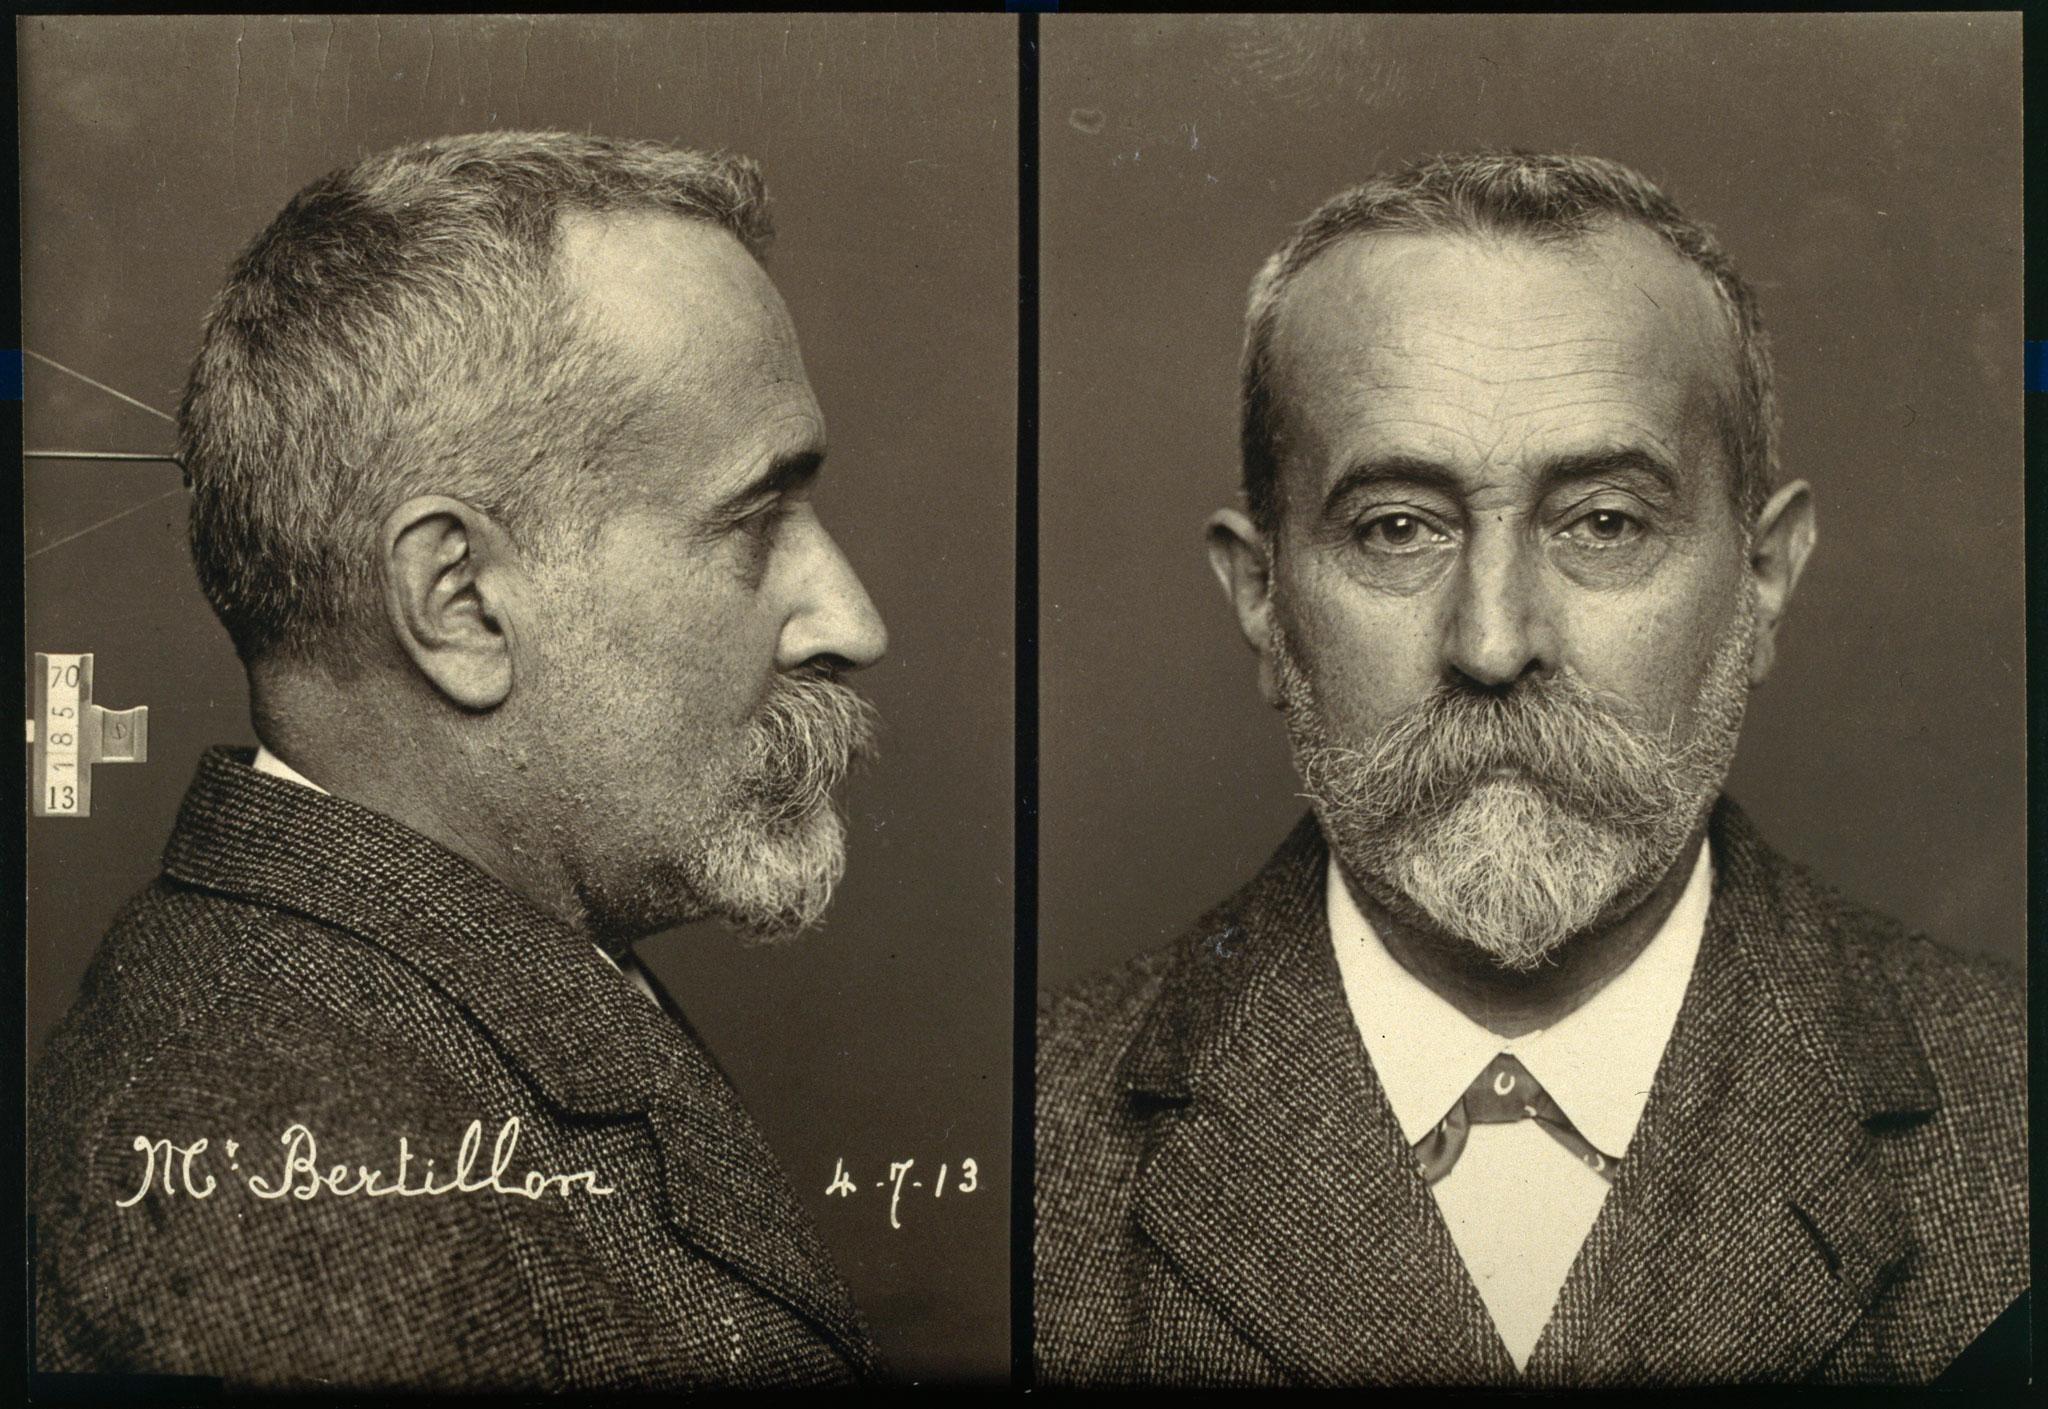 7787004933_portraits-de-bertillon-de-profil-et-de-face-a-la-maniere-des-photographies-d-identification-judiciaire-1900.jpg